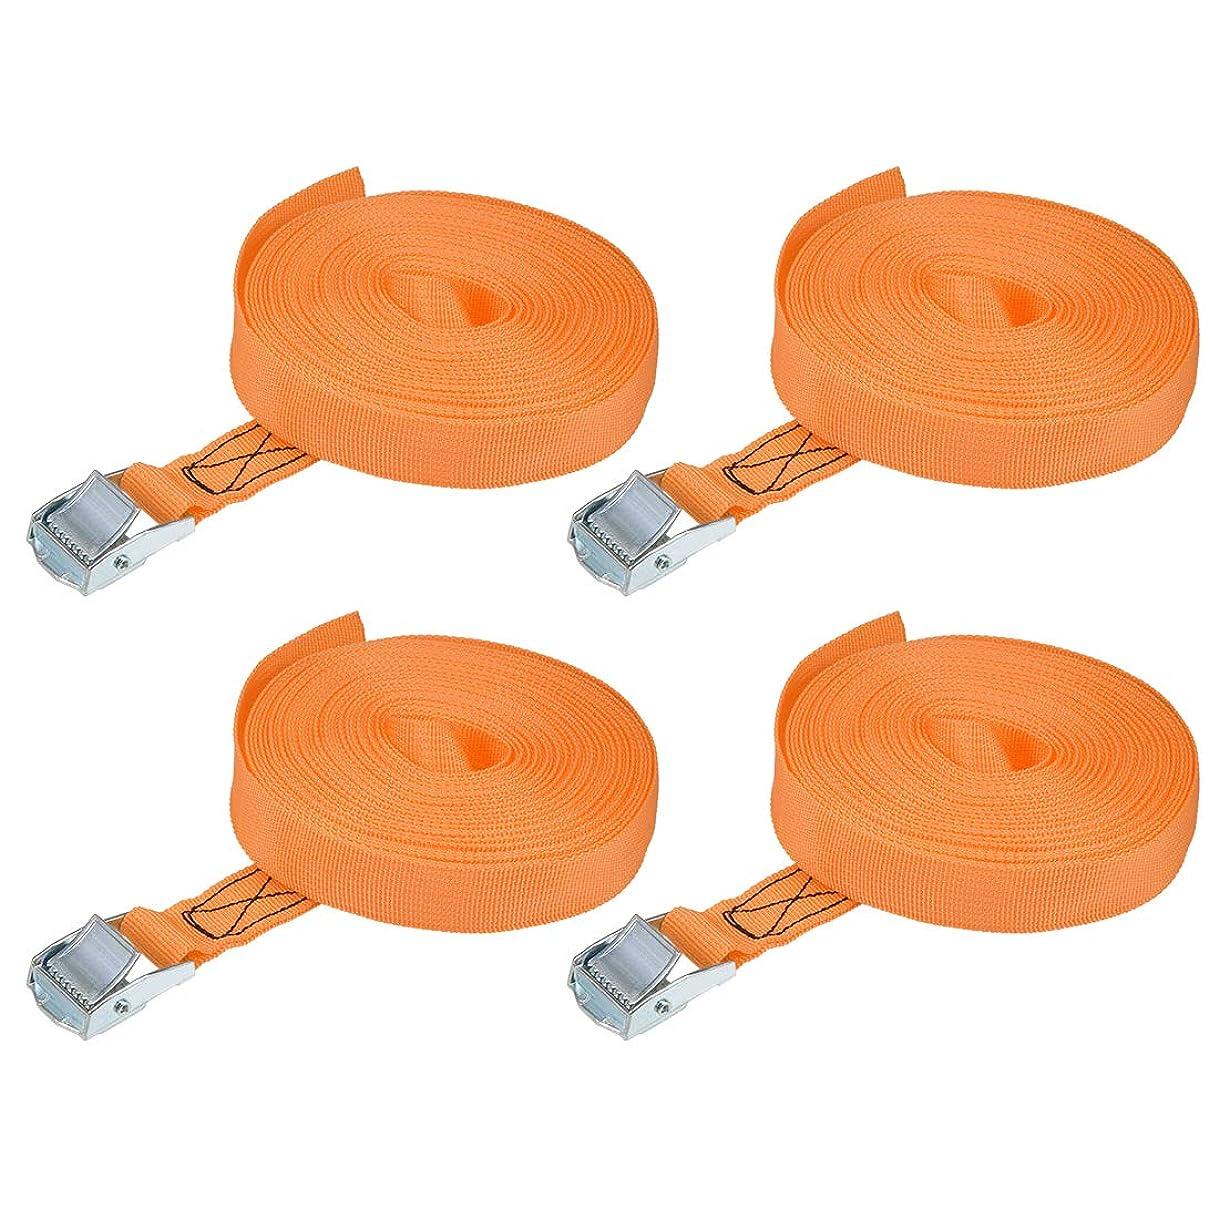 変更可能ロッジ無能uxcell 荷物ストラップ ラチェット式 ベルト 荷物固定ロープ 荷物落下防止 オレンジ ポリプロピレン 亜鉛合金 カムバックル付き 250Kg作業負荷 10Mx25mm 4個入り